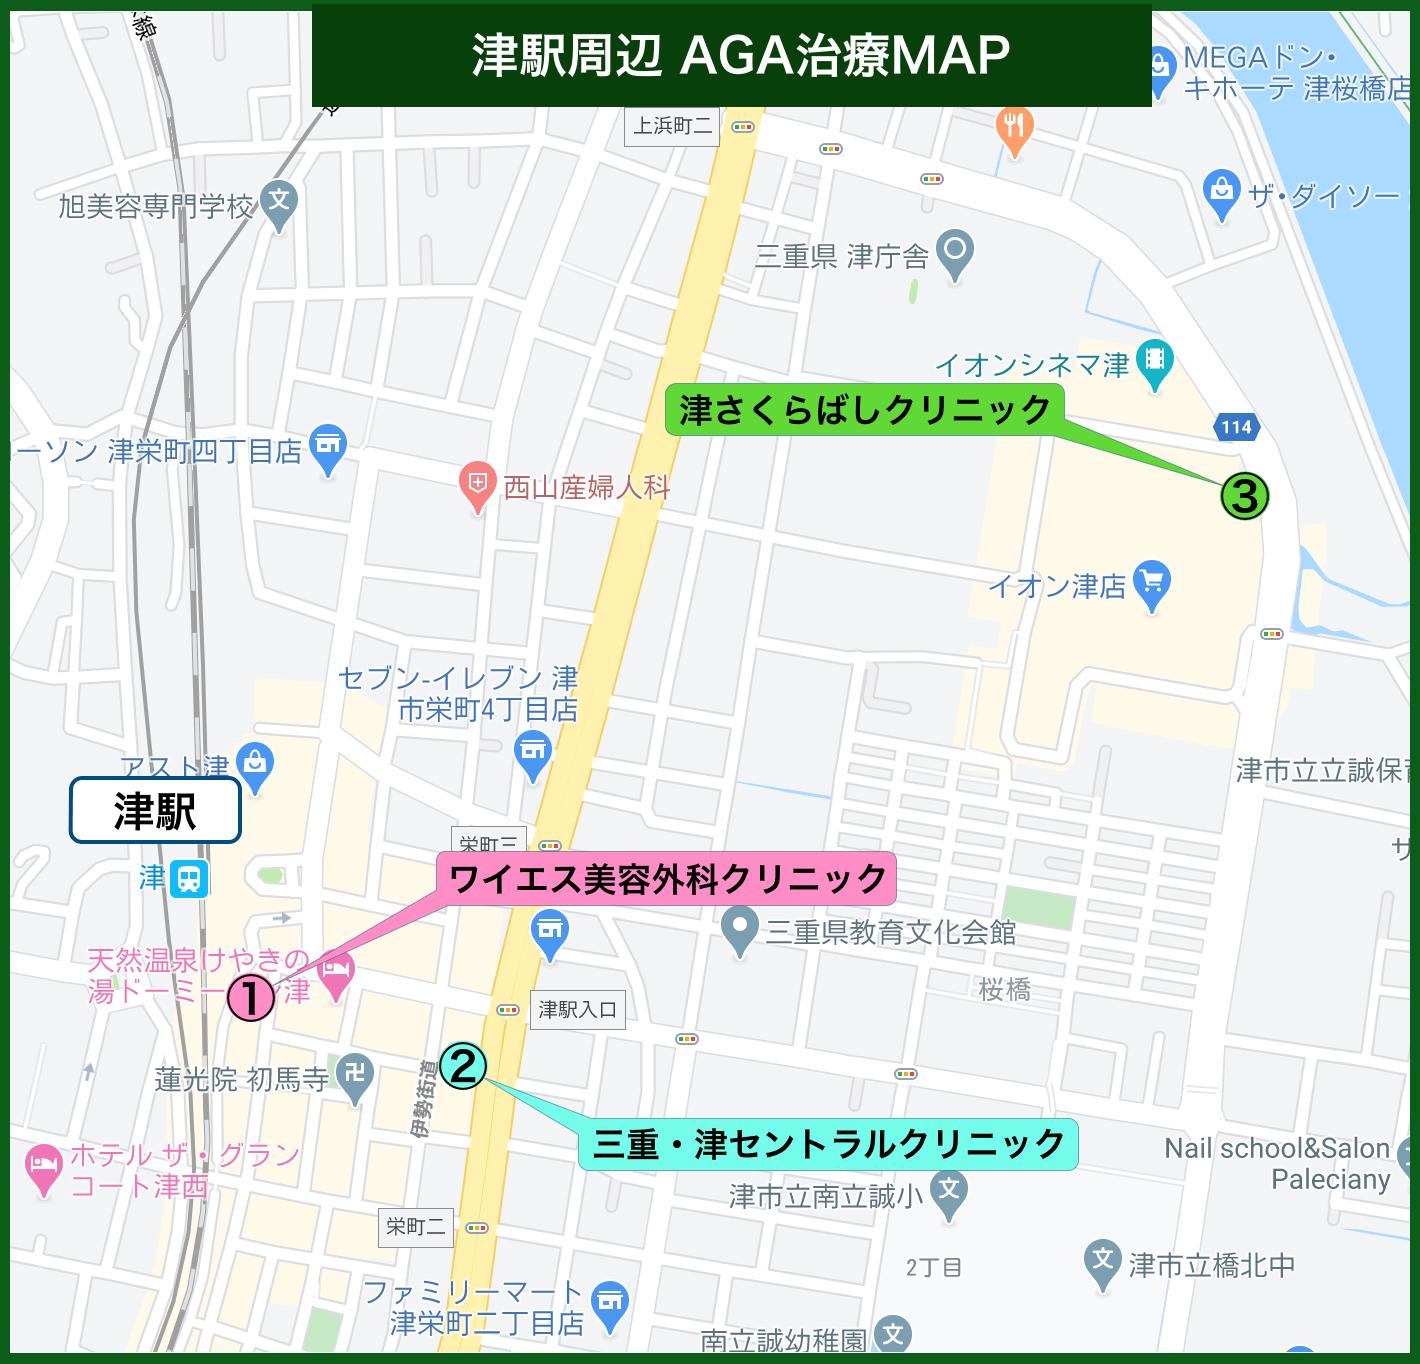 津駅周辺 AGA治療MAP